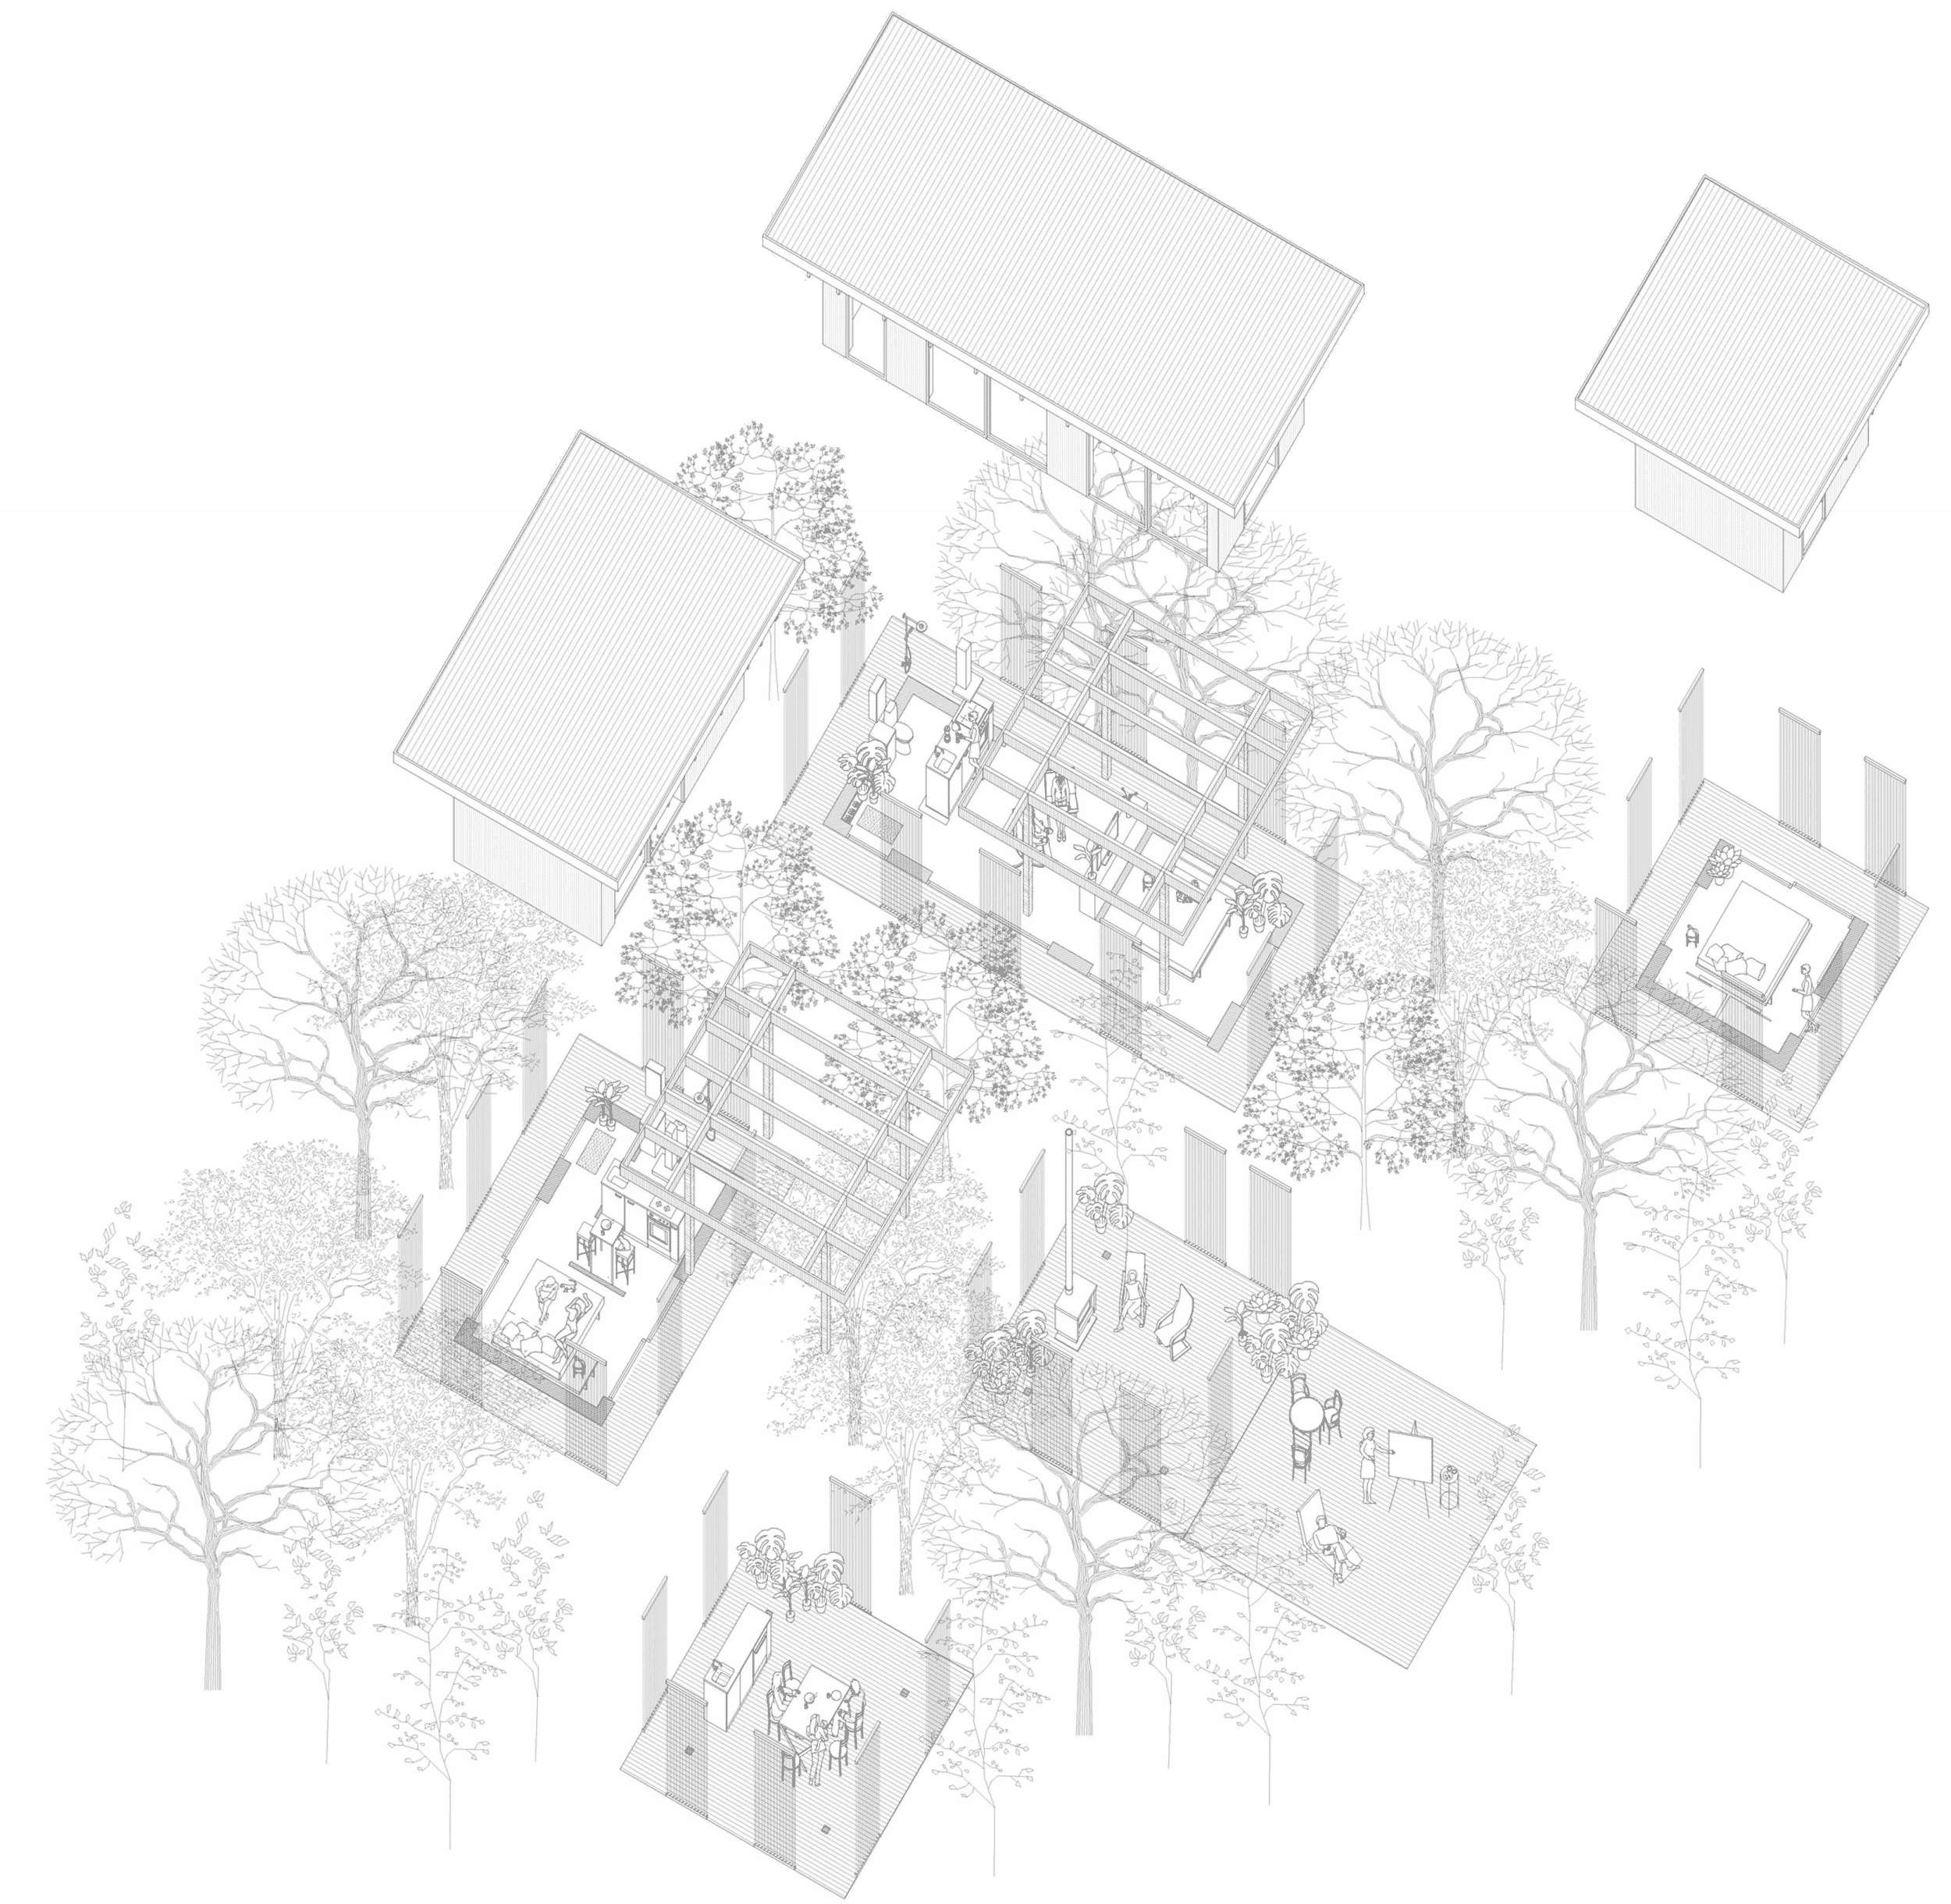 Konceptbild av nyckelfärdiga hus